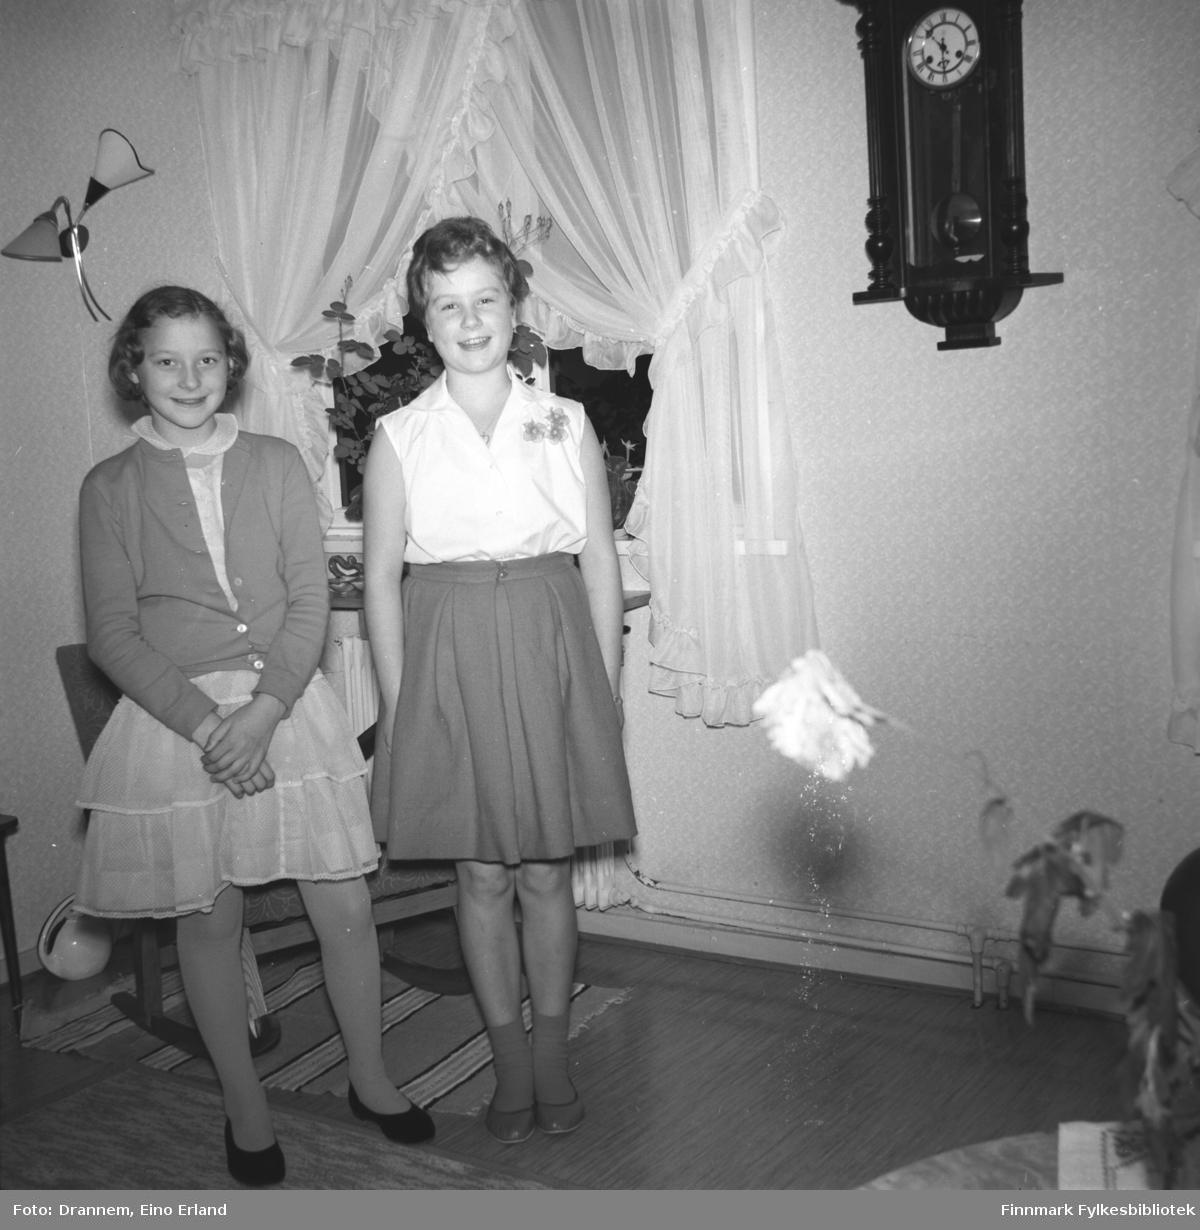 Ragnhild og Turid poserer for fotografen i stua hos familien Drannem.